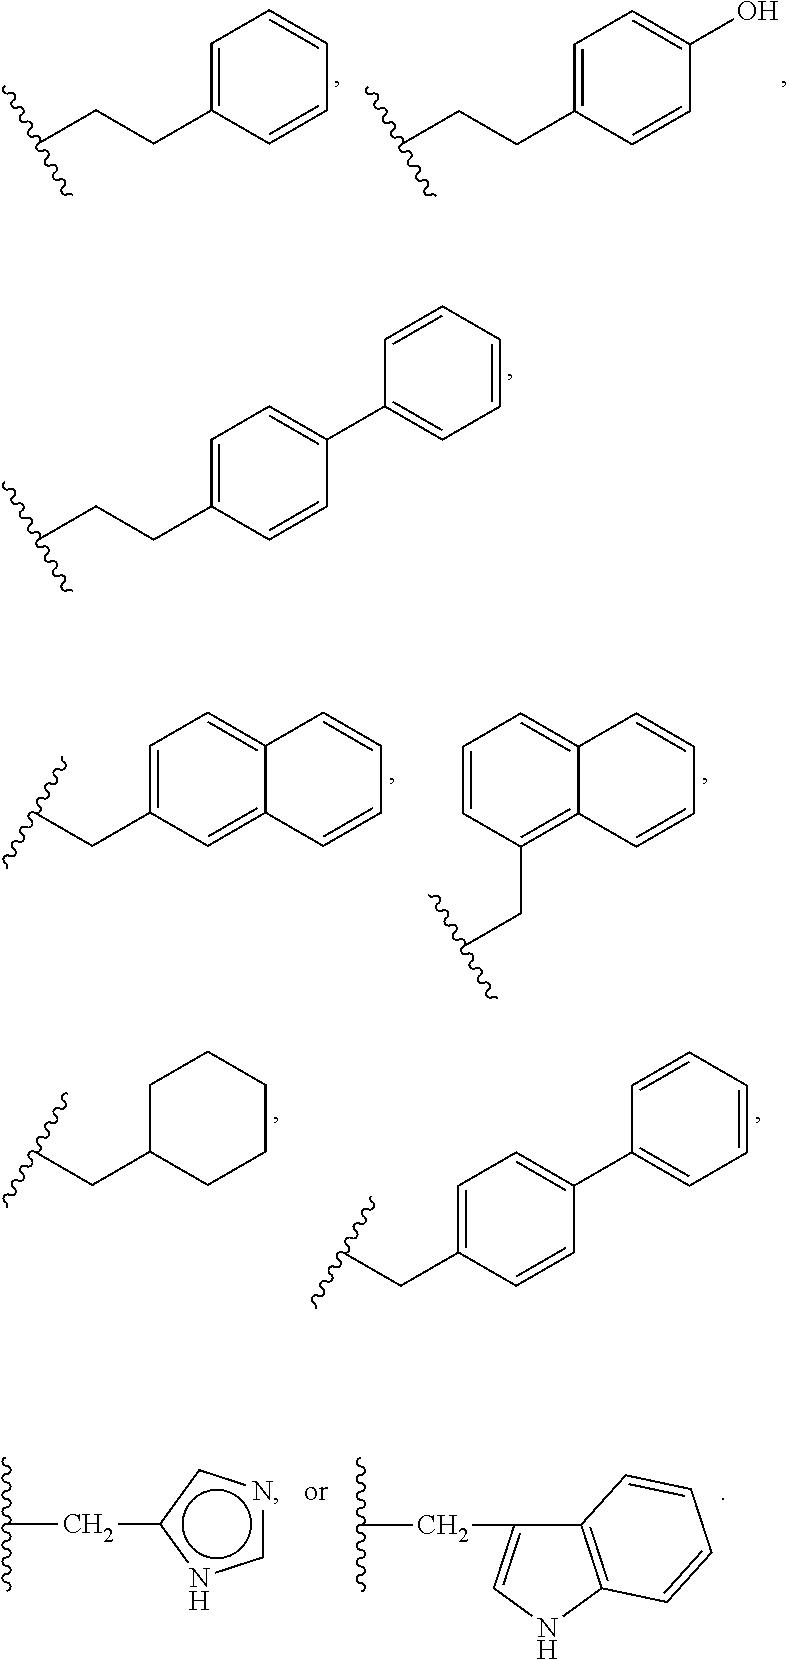 Figure US09827329-20171128-C00054